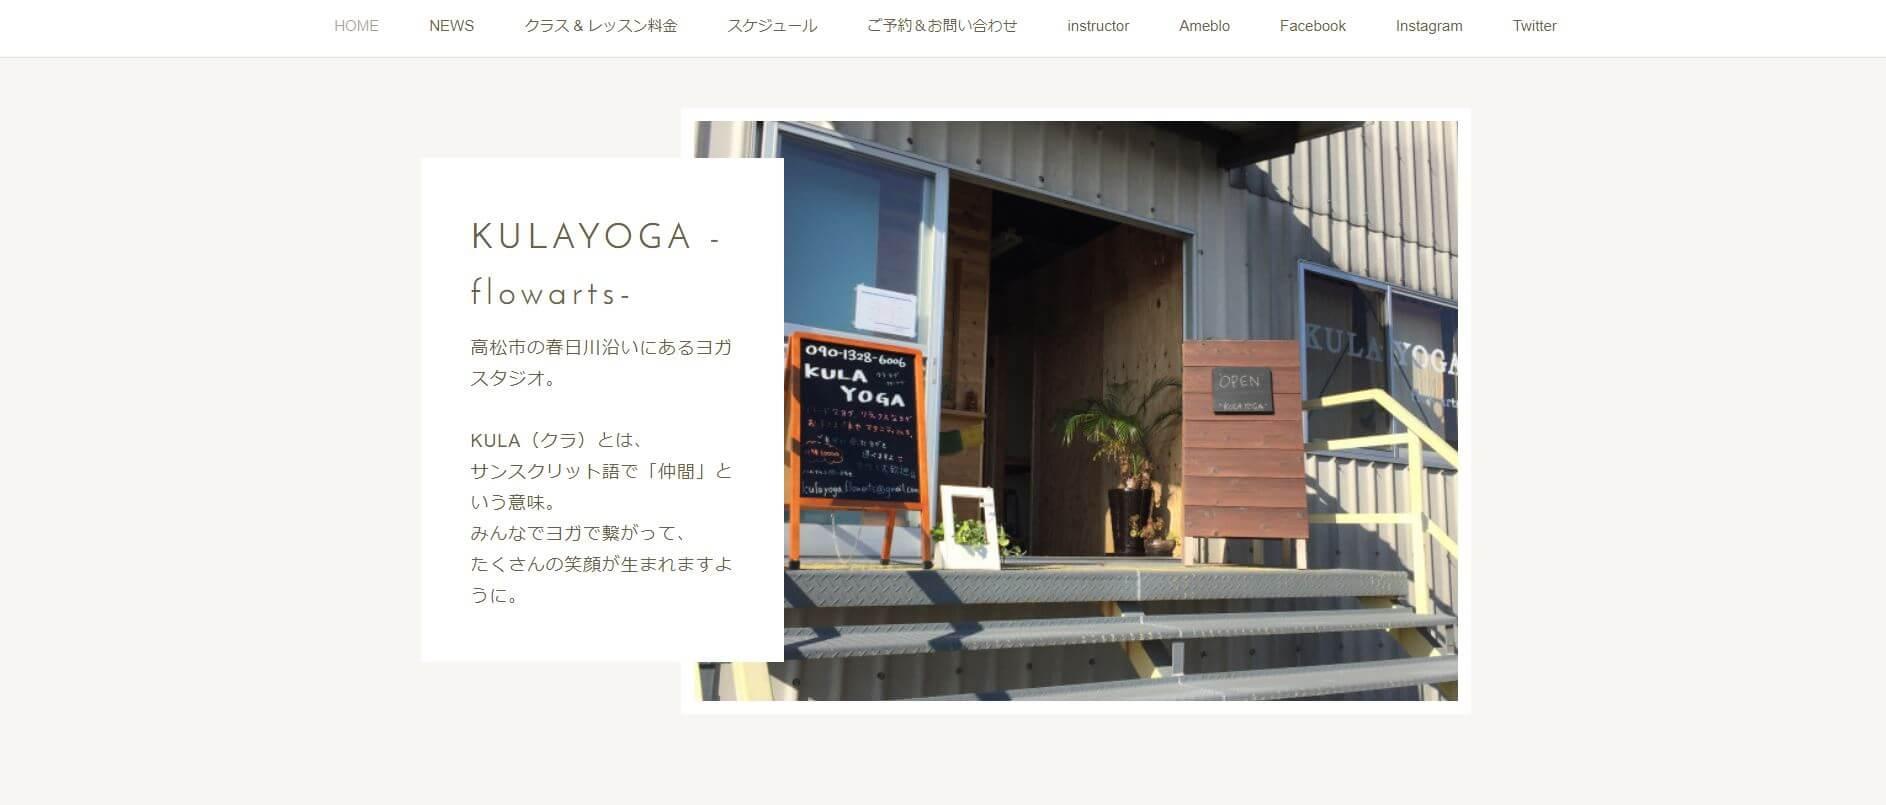 KULAYOGA-flow arts-